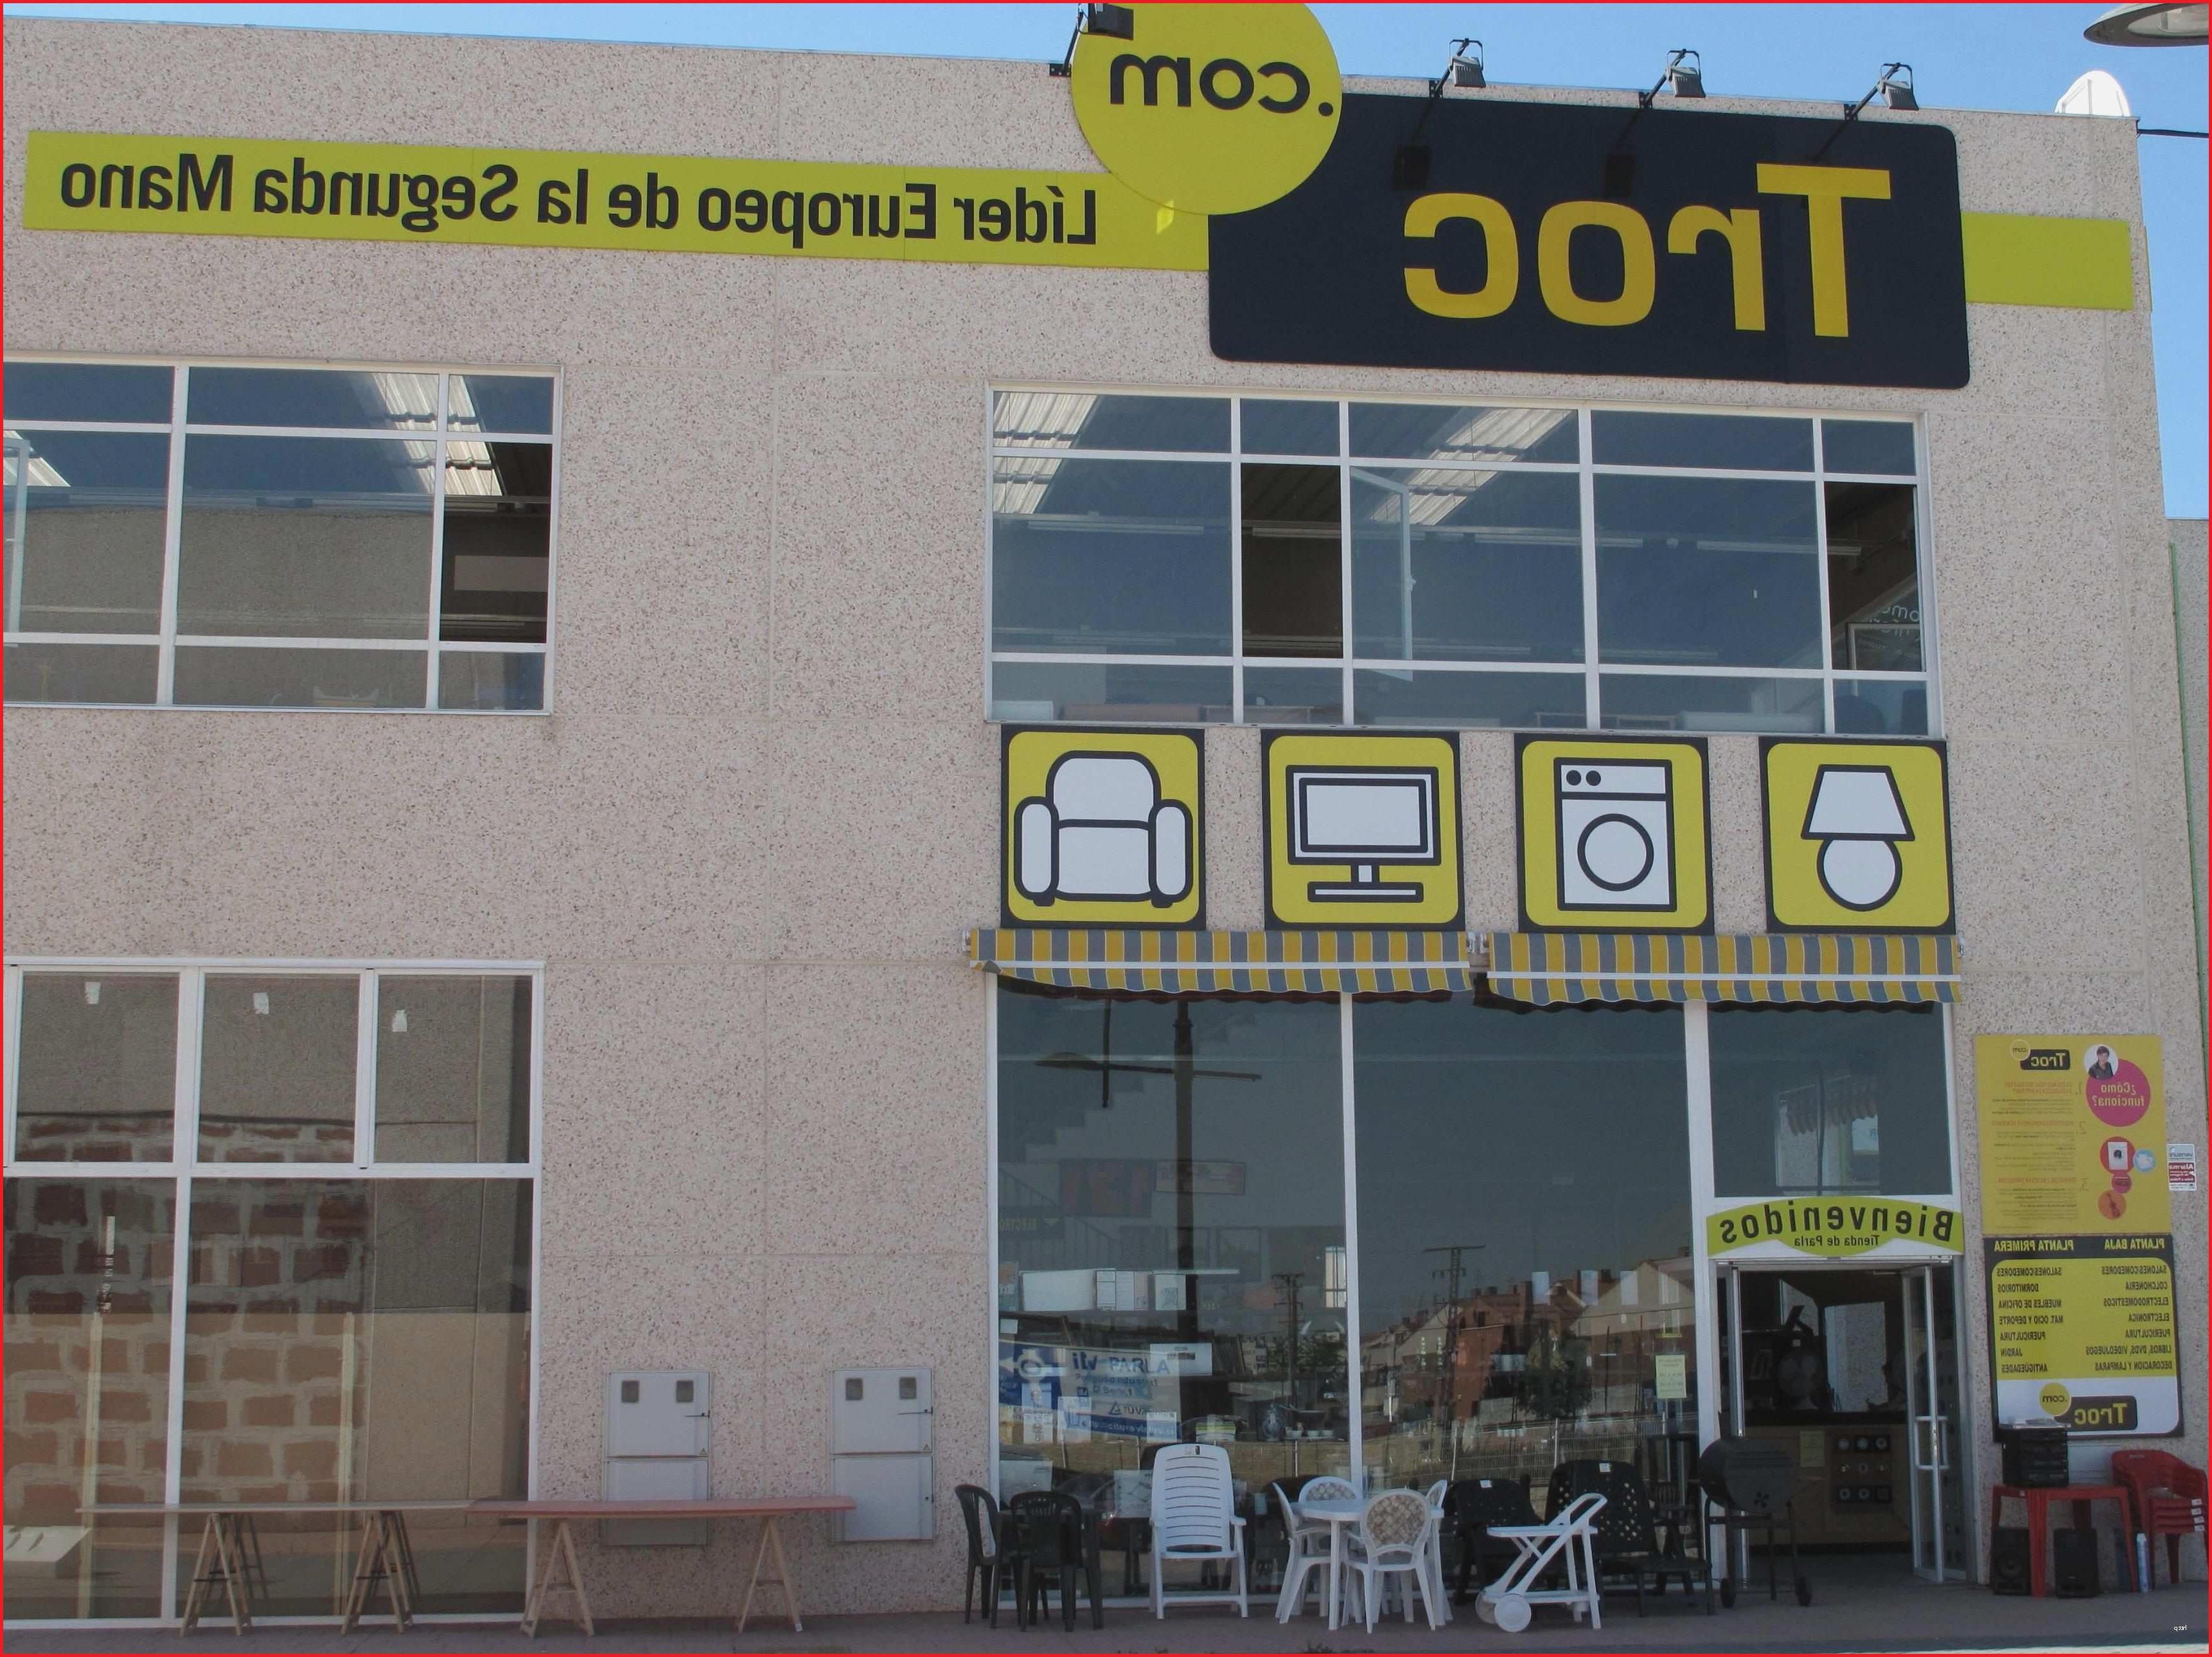 Tiendas De Muebles De Segunda Mano En Barcelona Rldj Muebles Segunda Mano Barcelona Tiendas Muebles De Salon Segunda